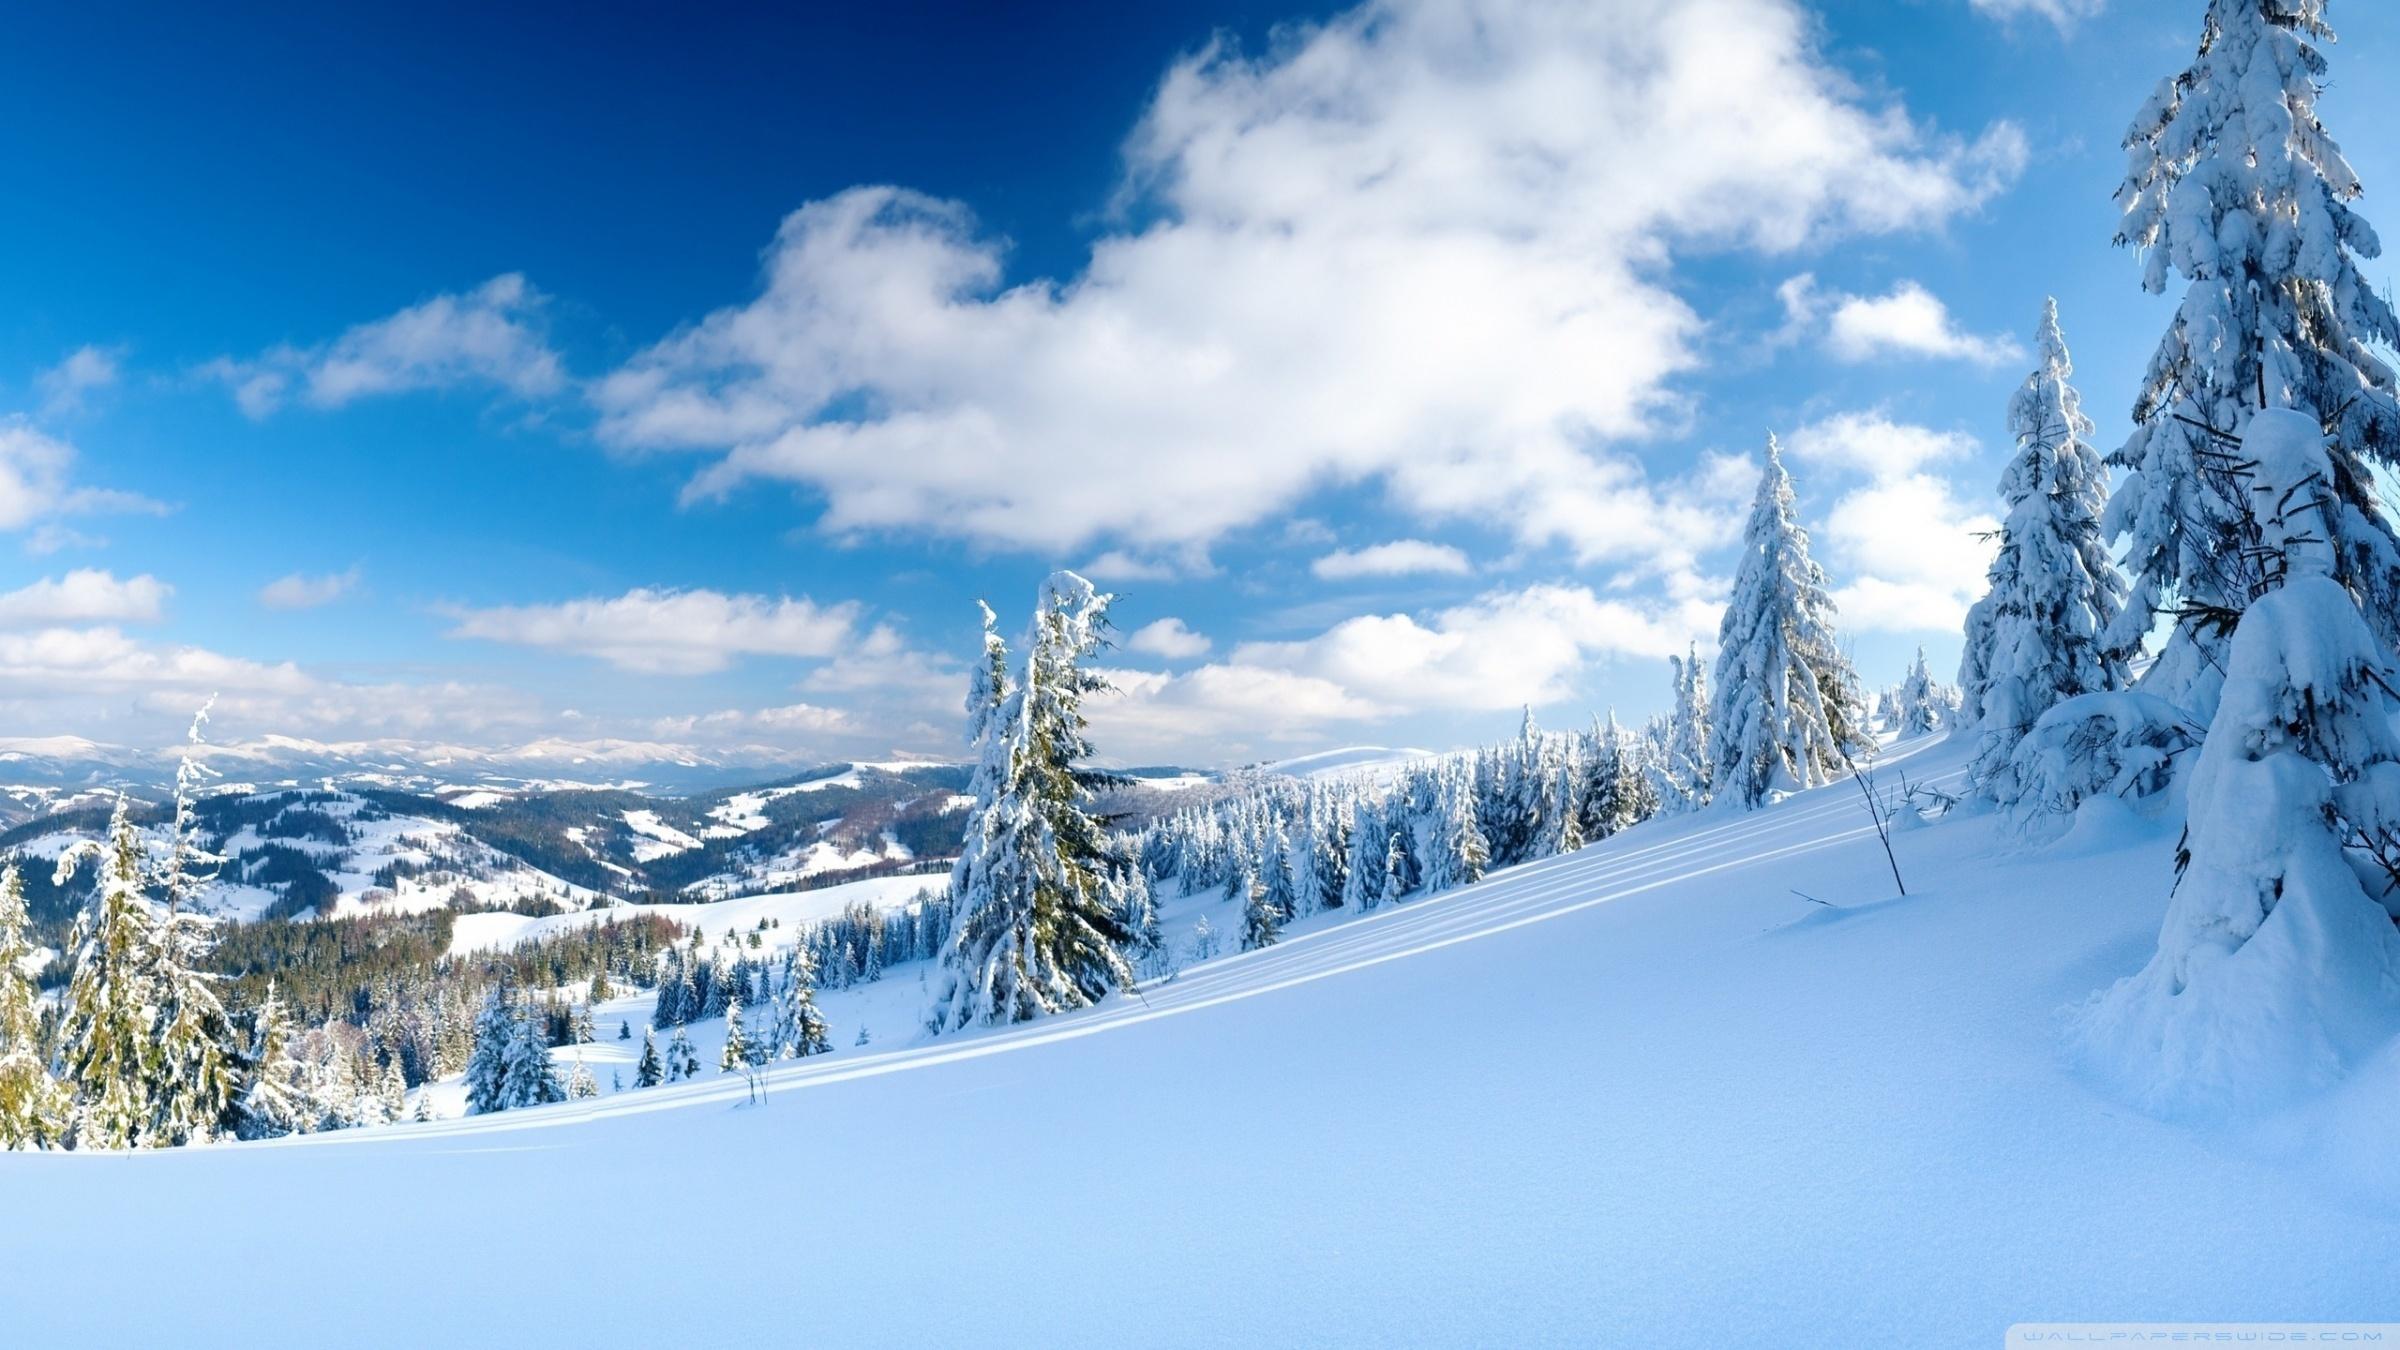 17779 скачать обои Пейзаж, Зима, Небо, Горы, Облака, Снег - заставки и картинки бесплатно